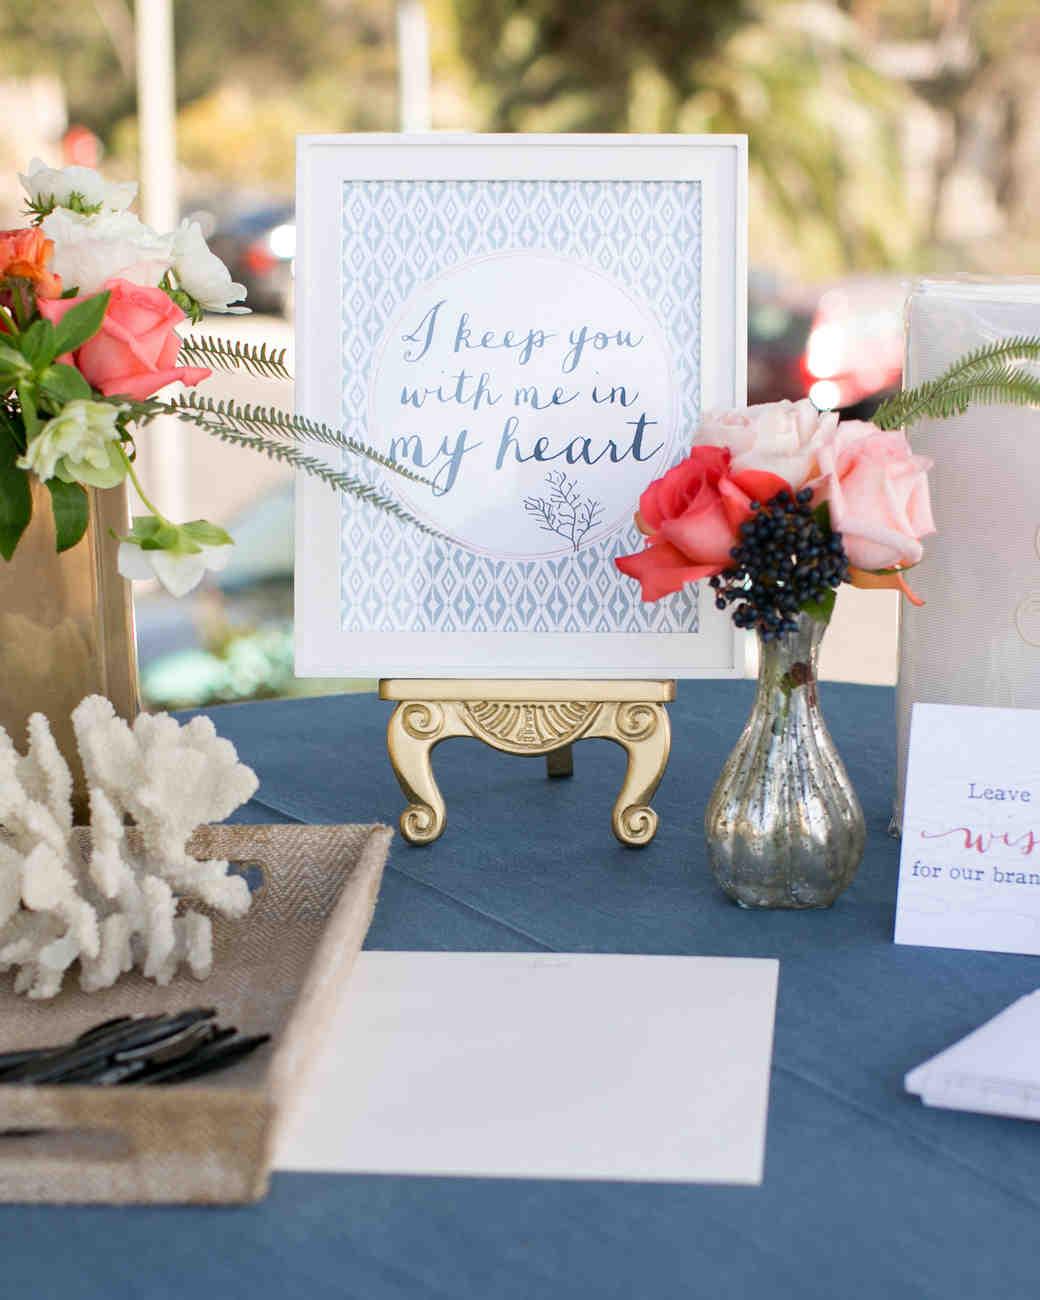 jess-clint-wedding-guestbookstation-133-s111420-0814.jpg